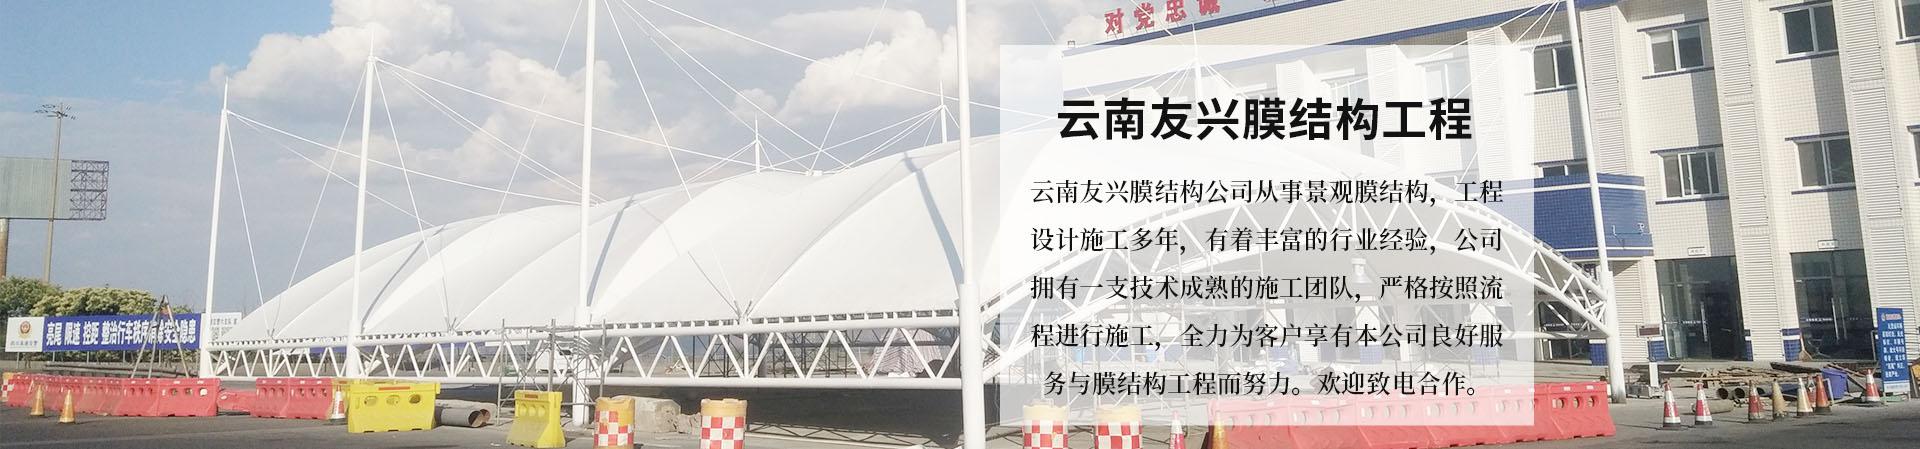 云南友兴膜结构工程公司